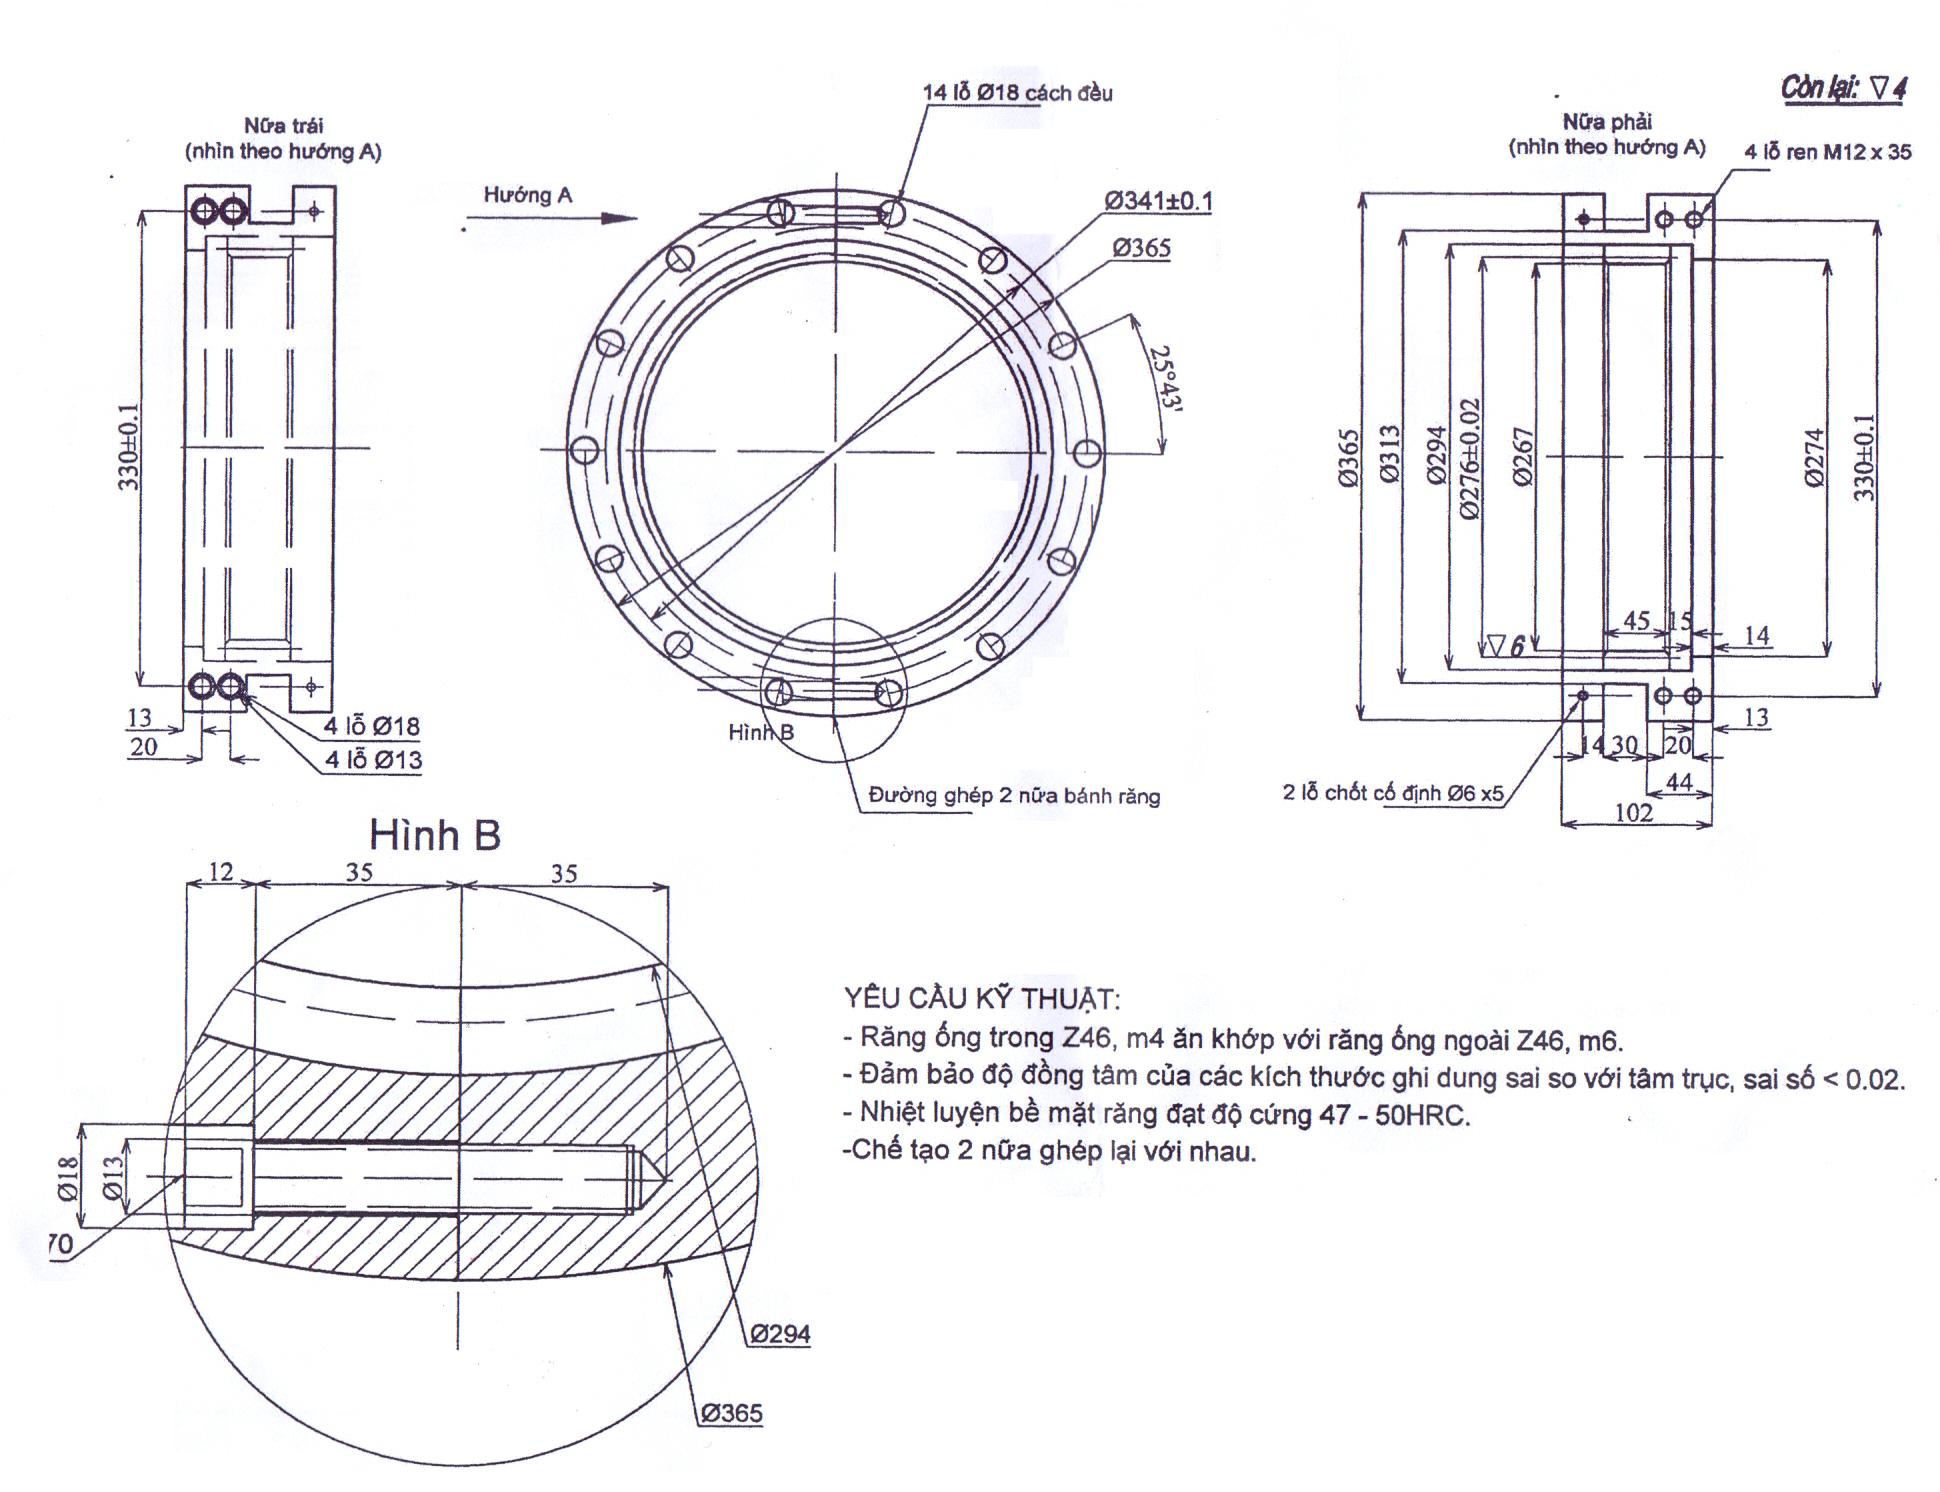 Gear motor C2 TGCN-24629 VietnamProcessing